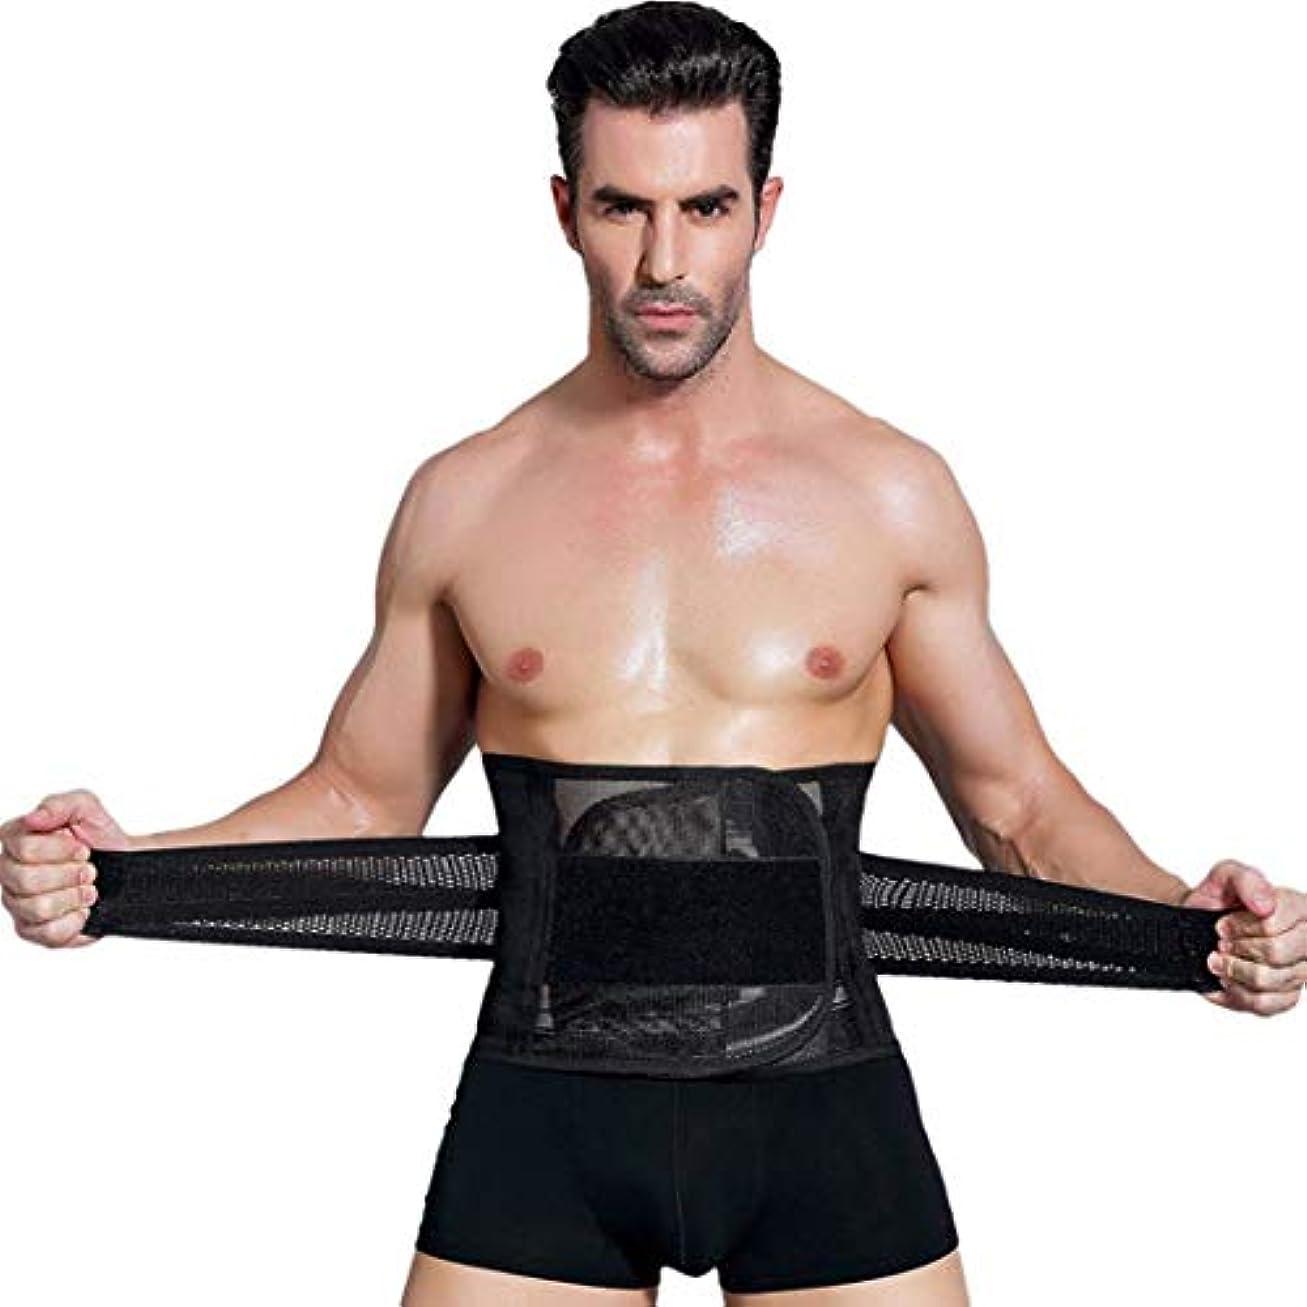 ギャングパブモンク男性ボディシェイパーコルセット腹部おなかコントロールウエストトレーナーニッパー脂肪燃焼ガードル痩身腹ベルト用男性 - ブラックXXL